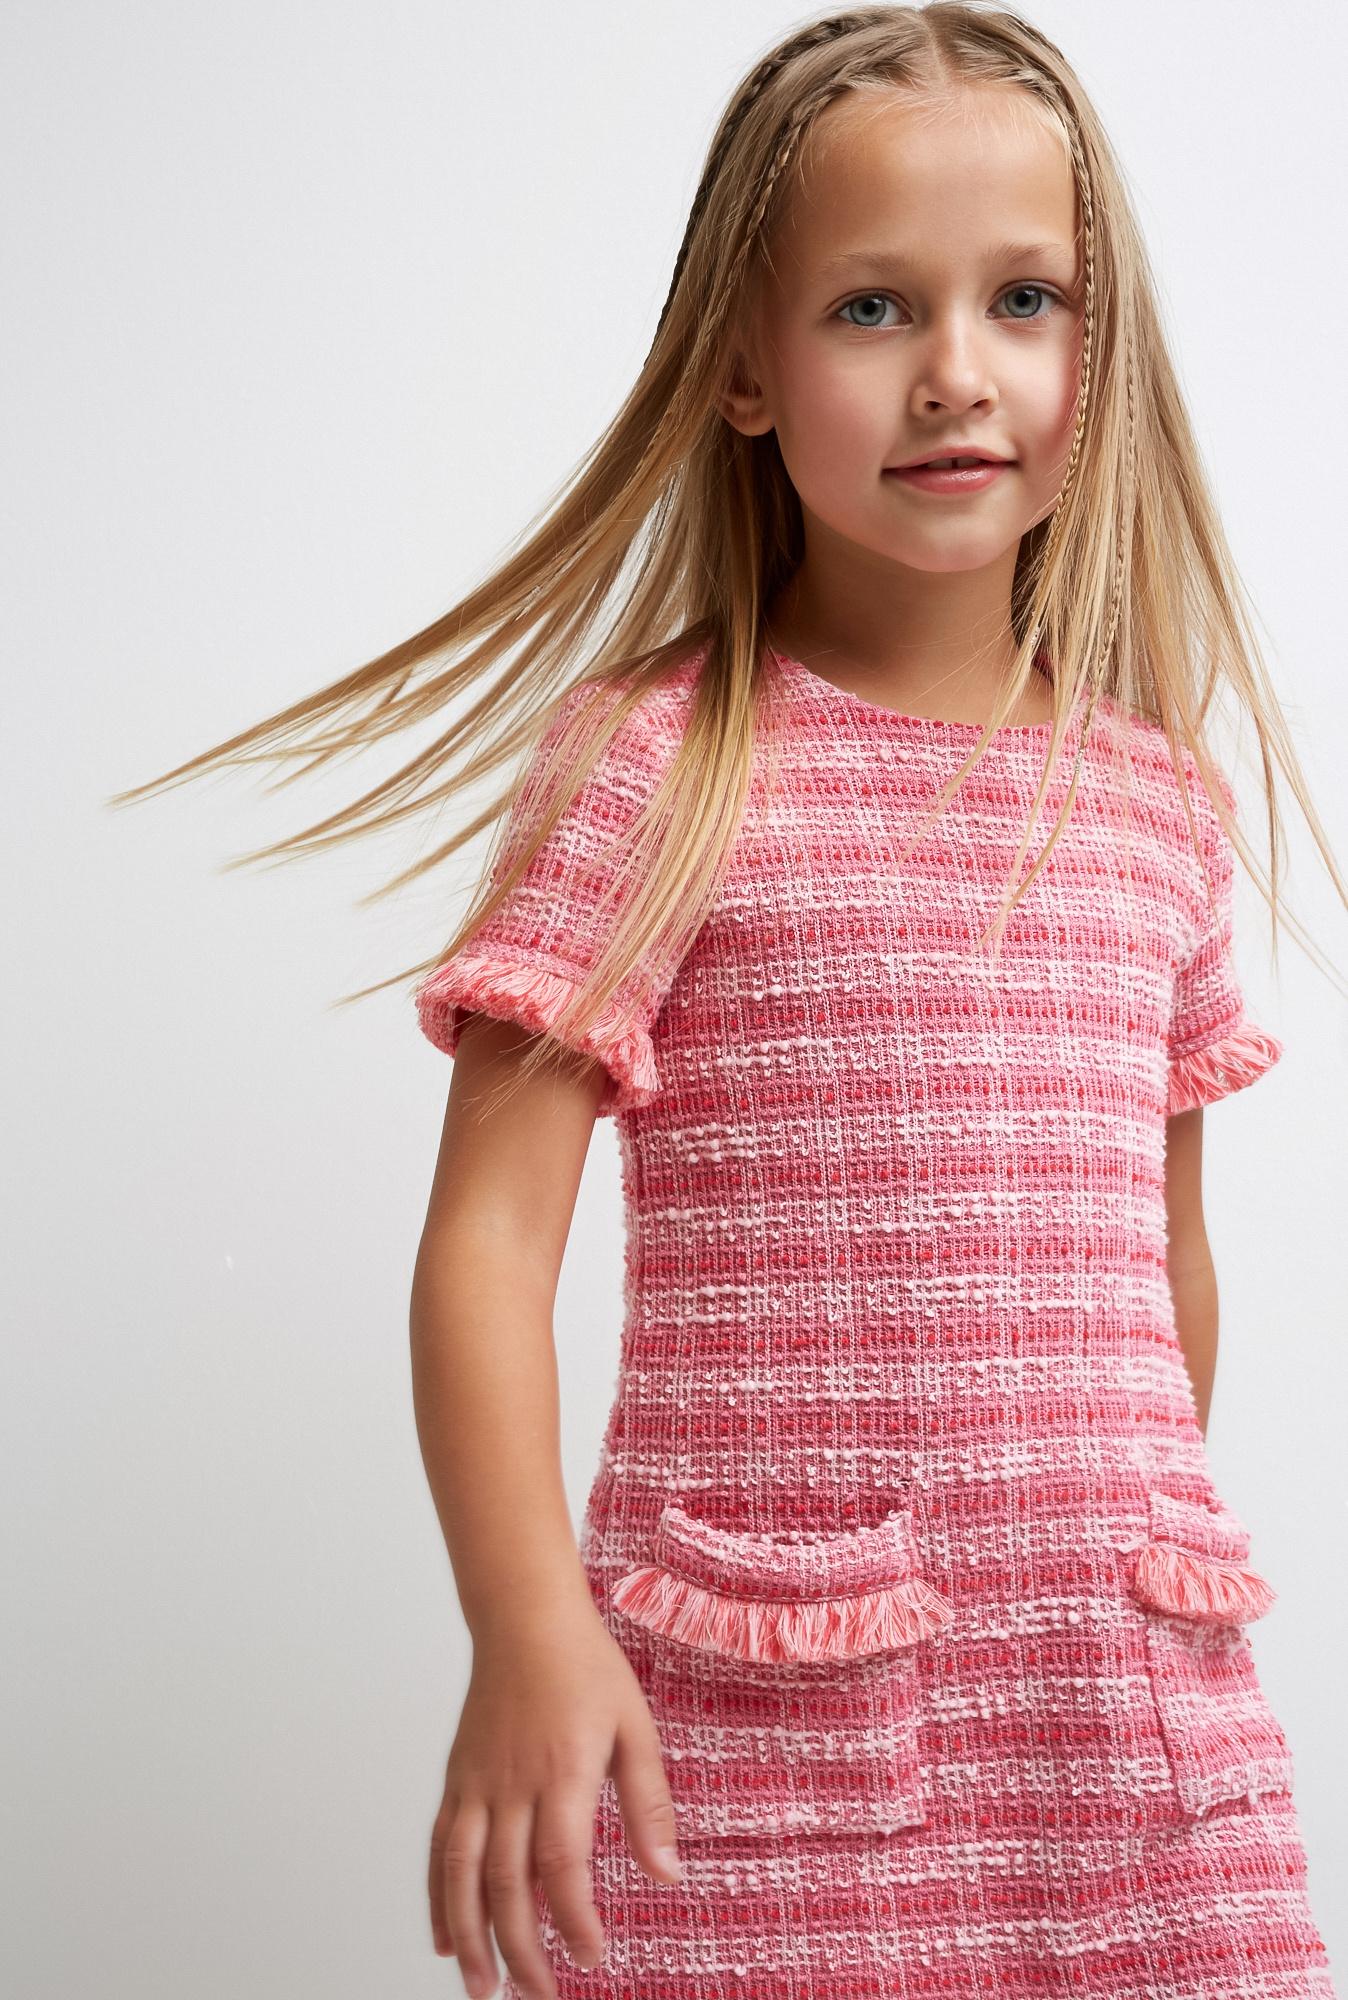 Платье для девочки Acoola Niksa, цвет: розовый. 20220200337_1400. Размер 98 платье для девочки batik цвет розовый ds0106 4 размер 98